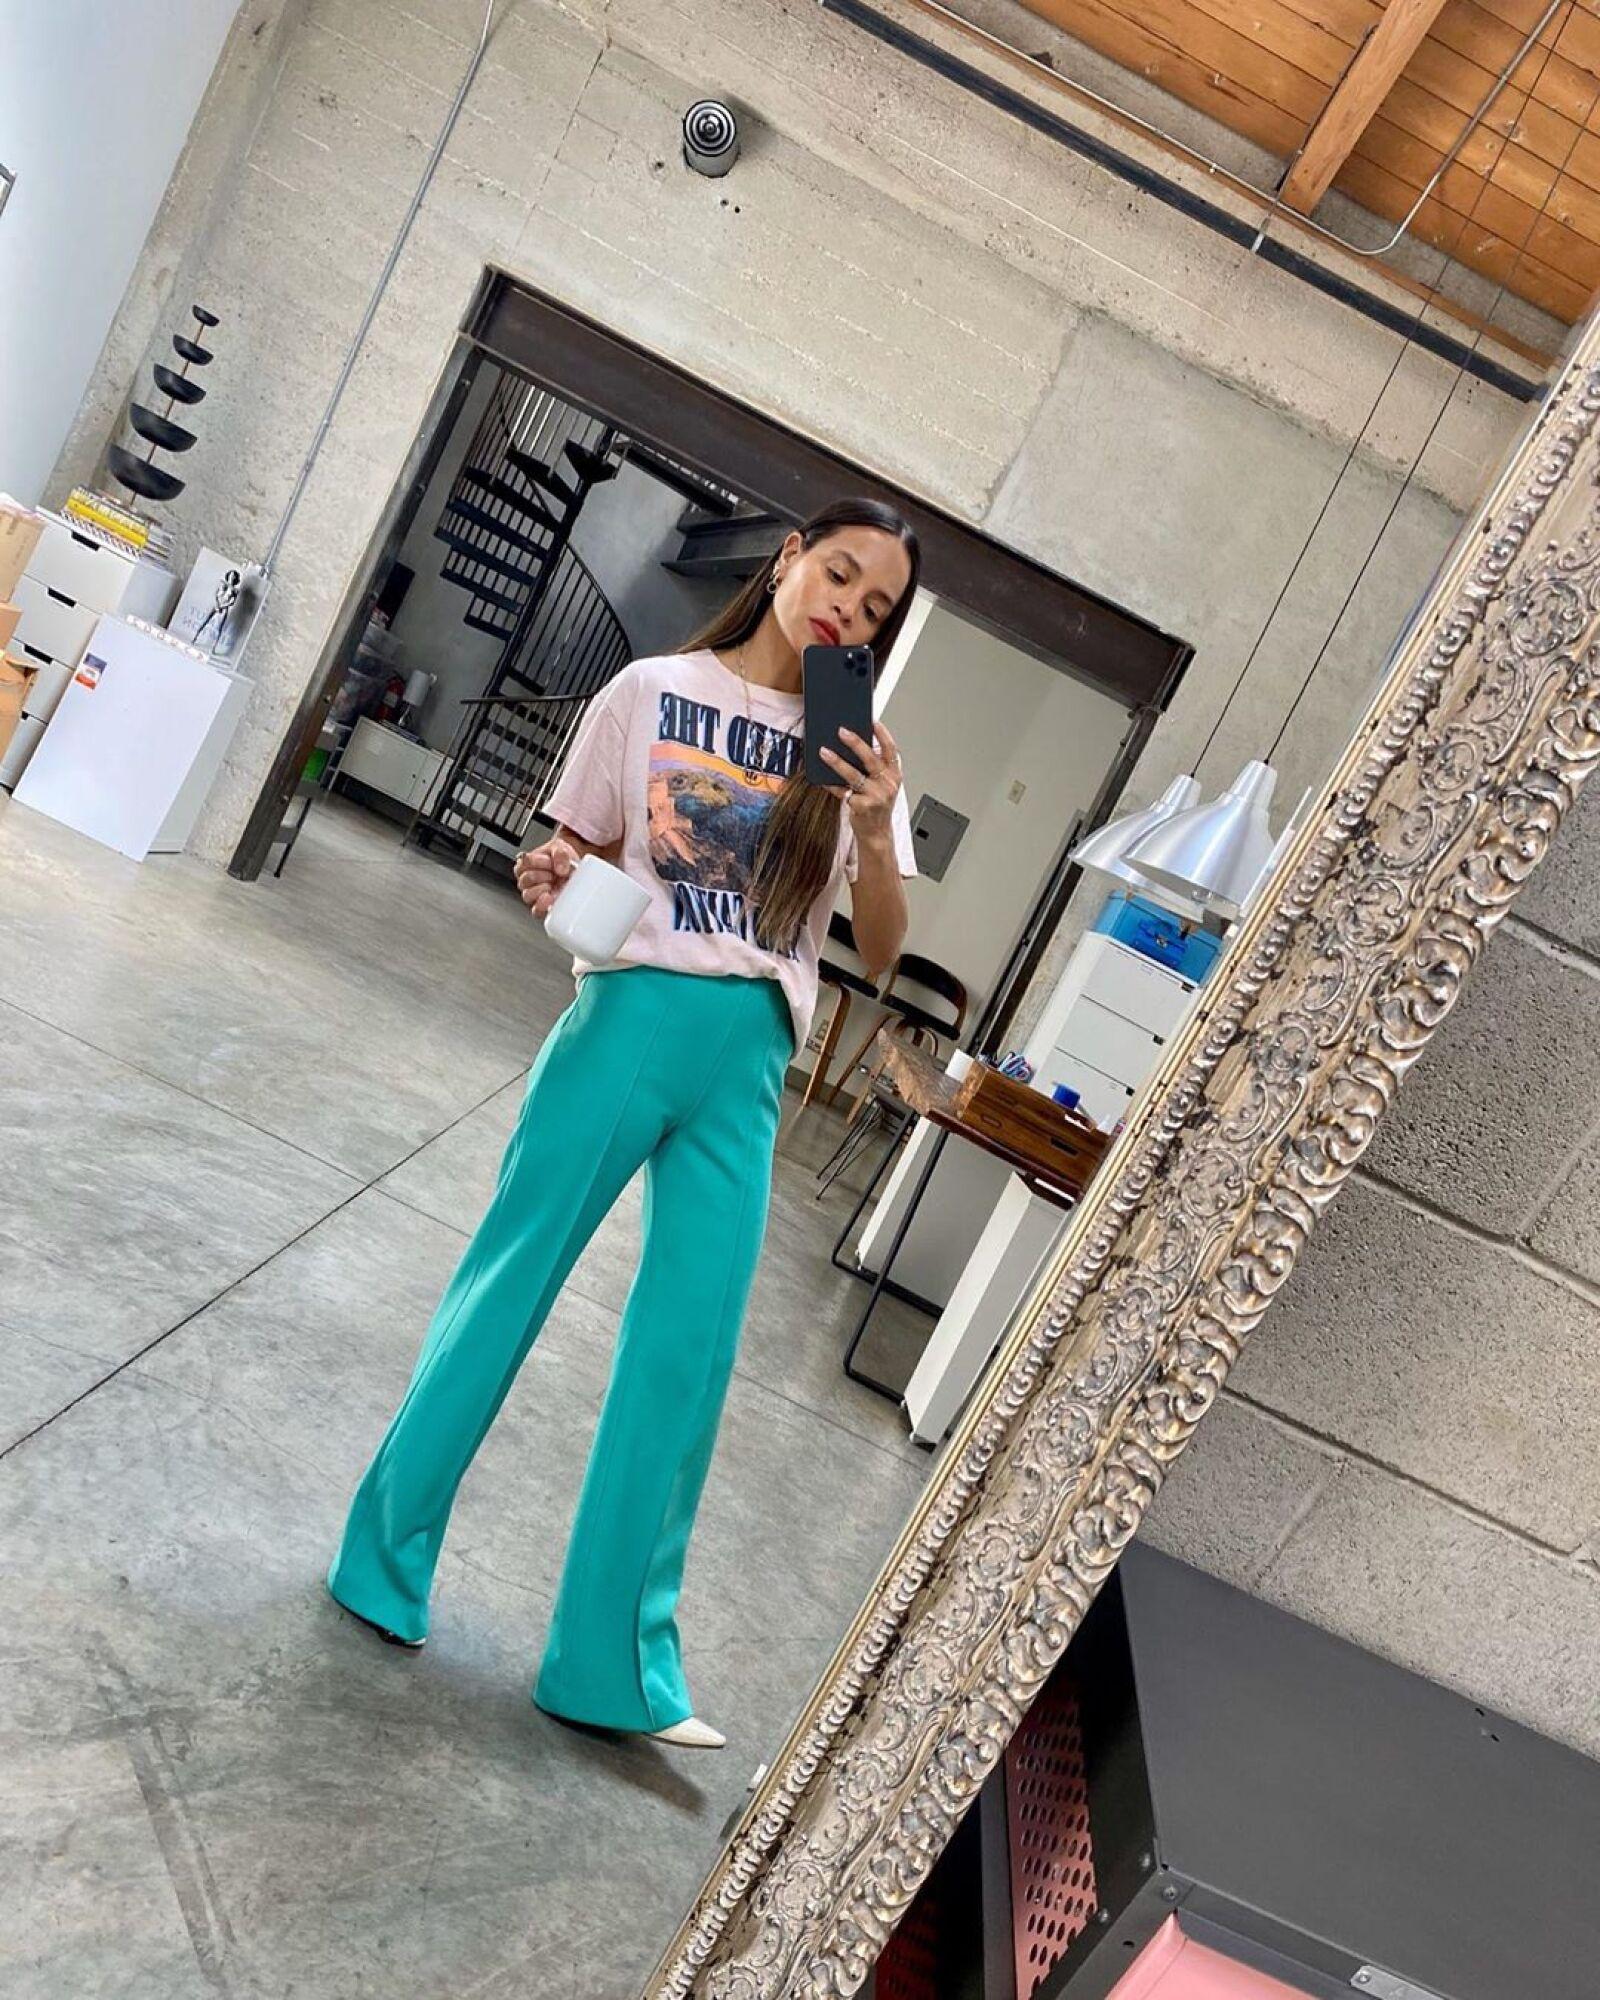 Sophie Lopez hizo su mirror selfie con pantalones de vestir color turquesa y una taza de café. So chic!